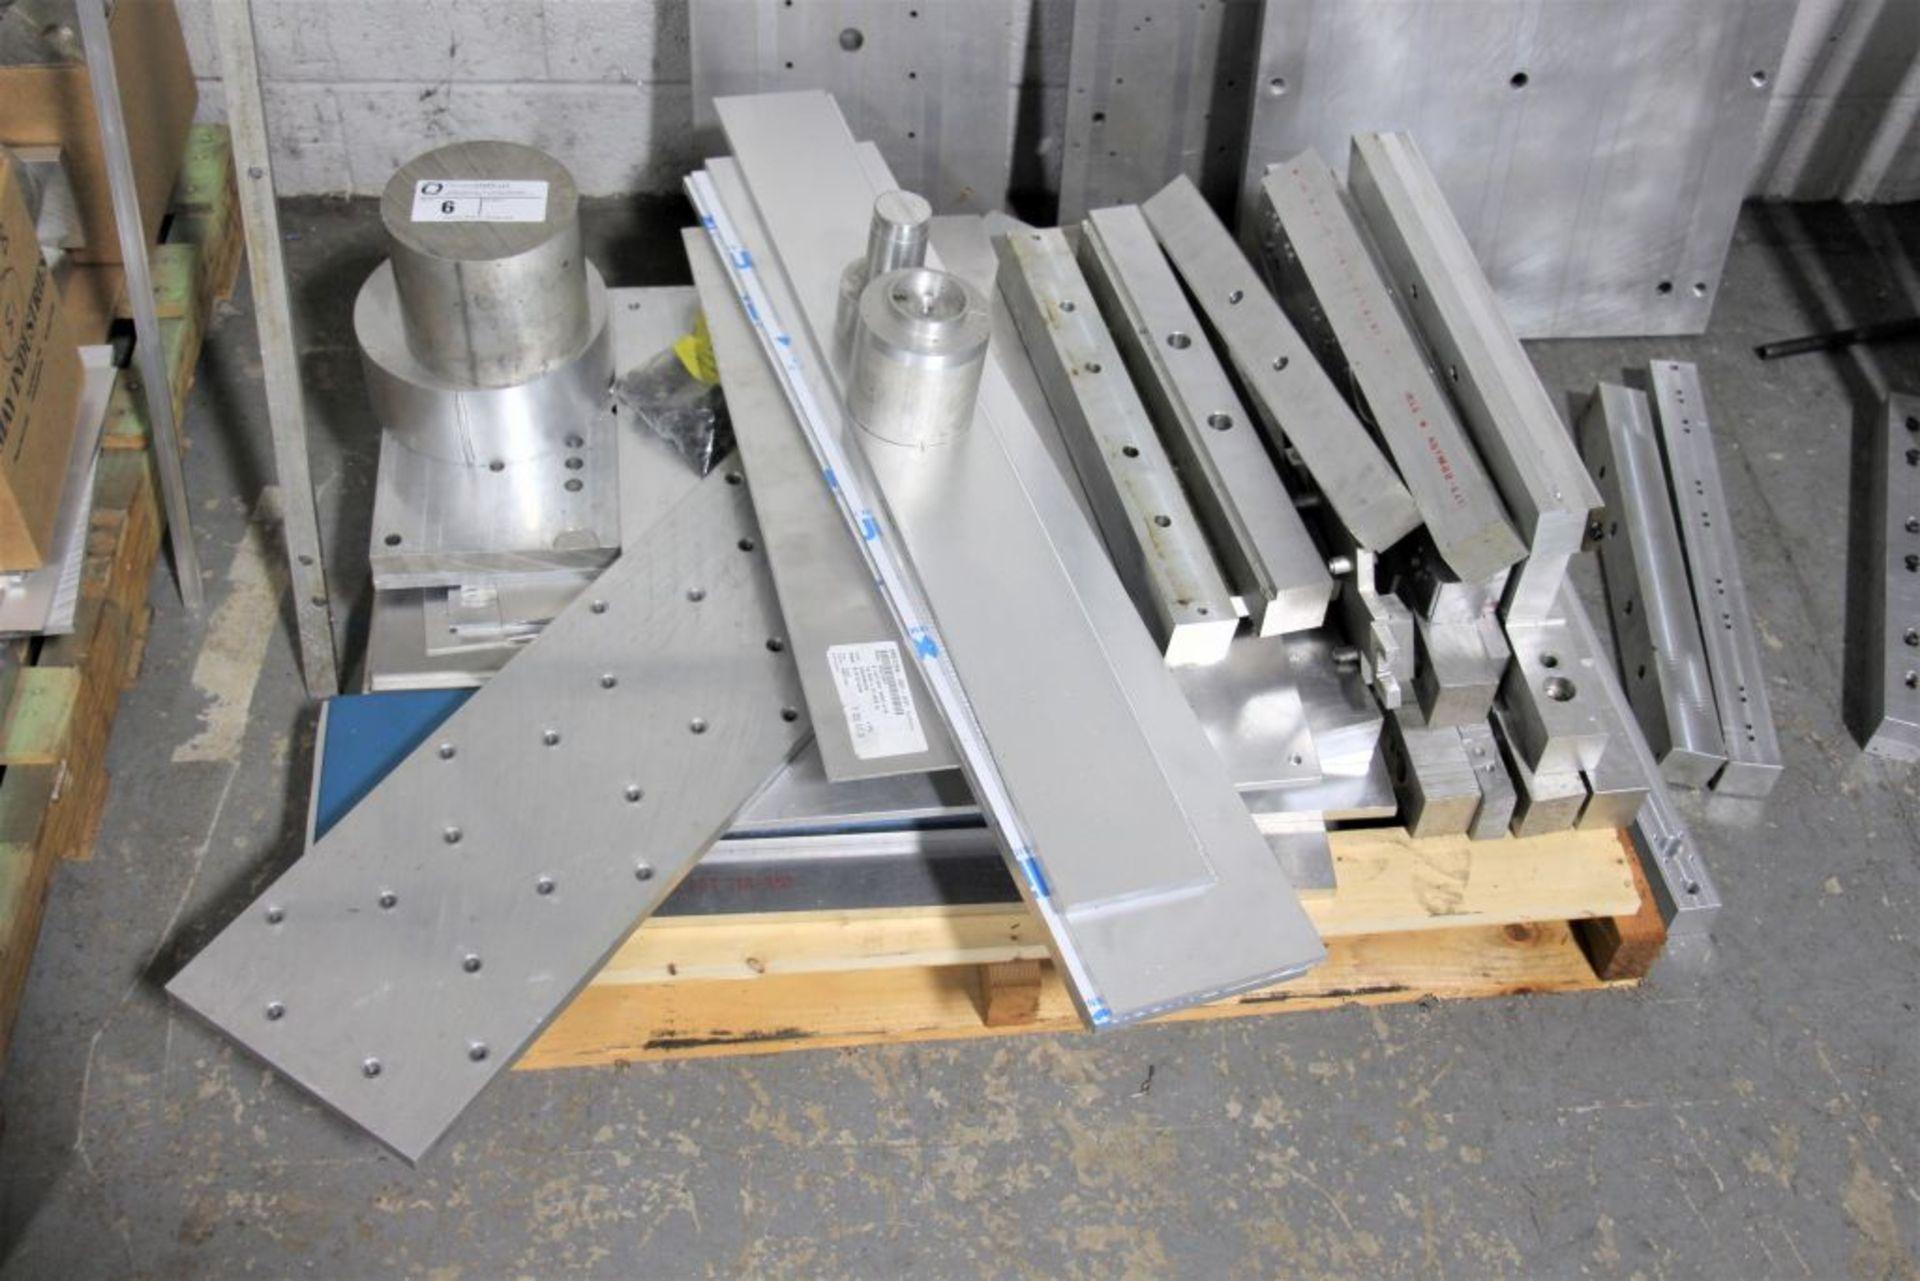 Lot 6 - assortment of scrap aluminum